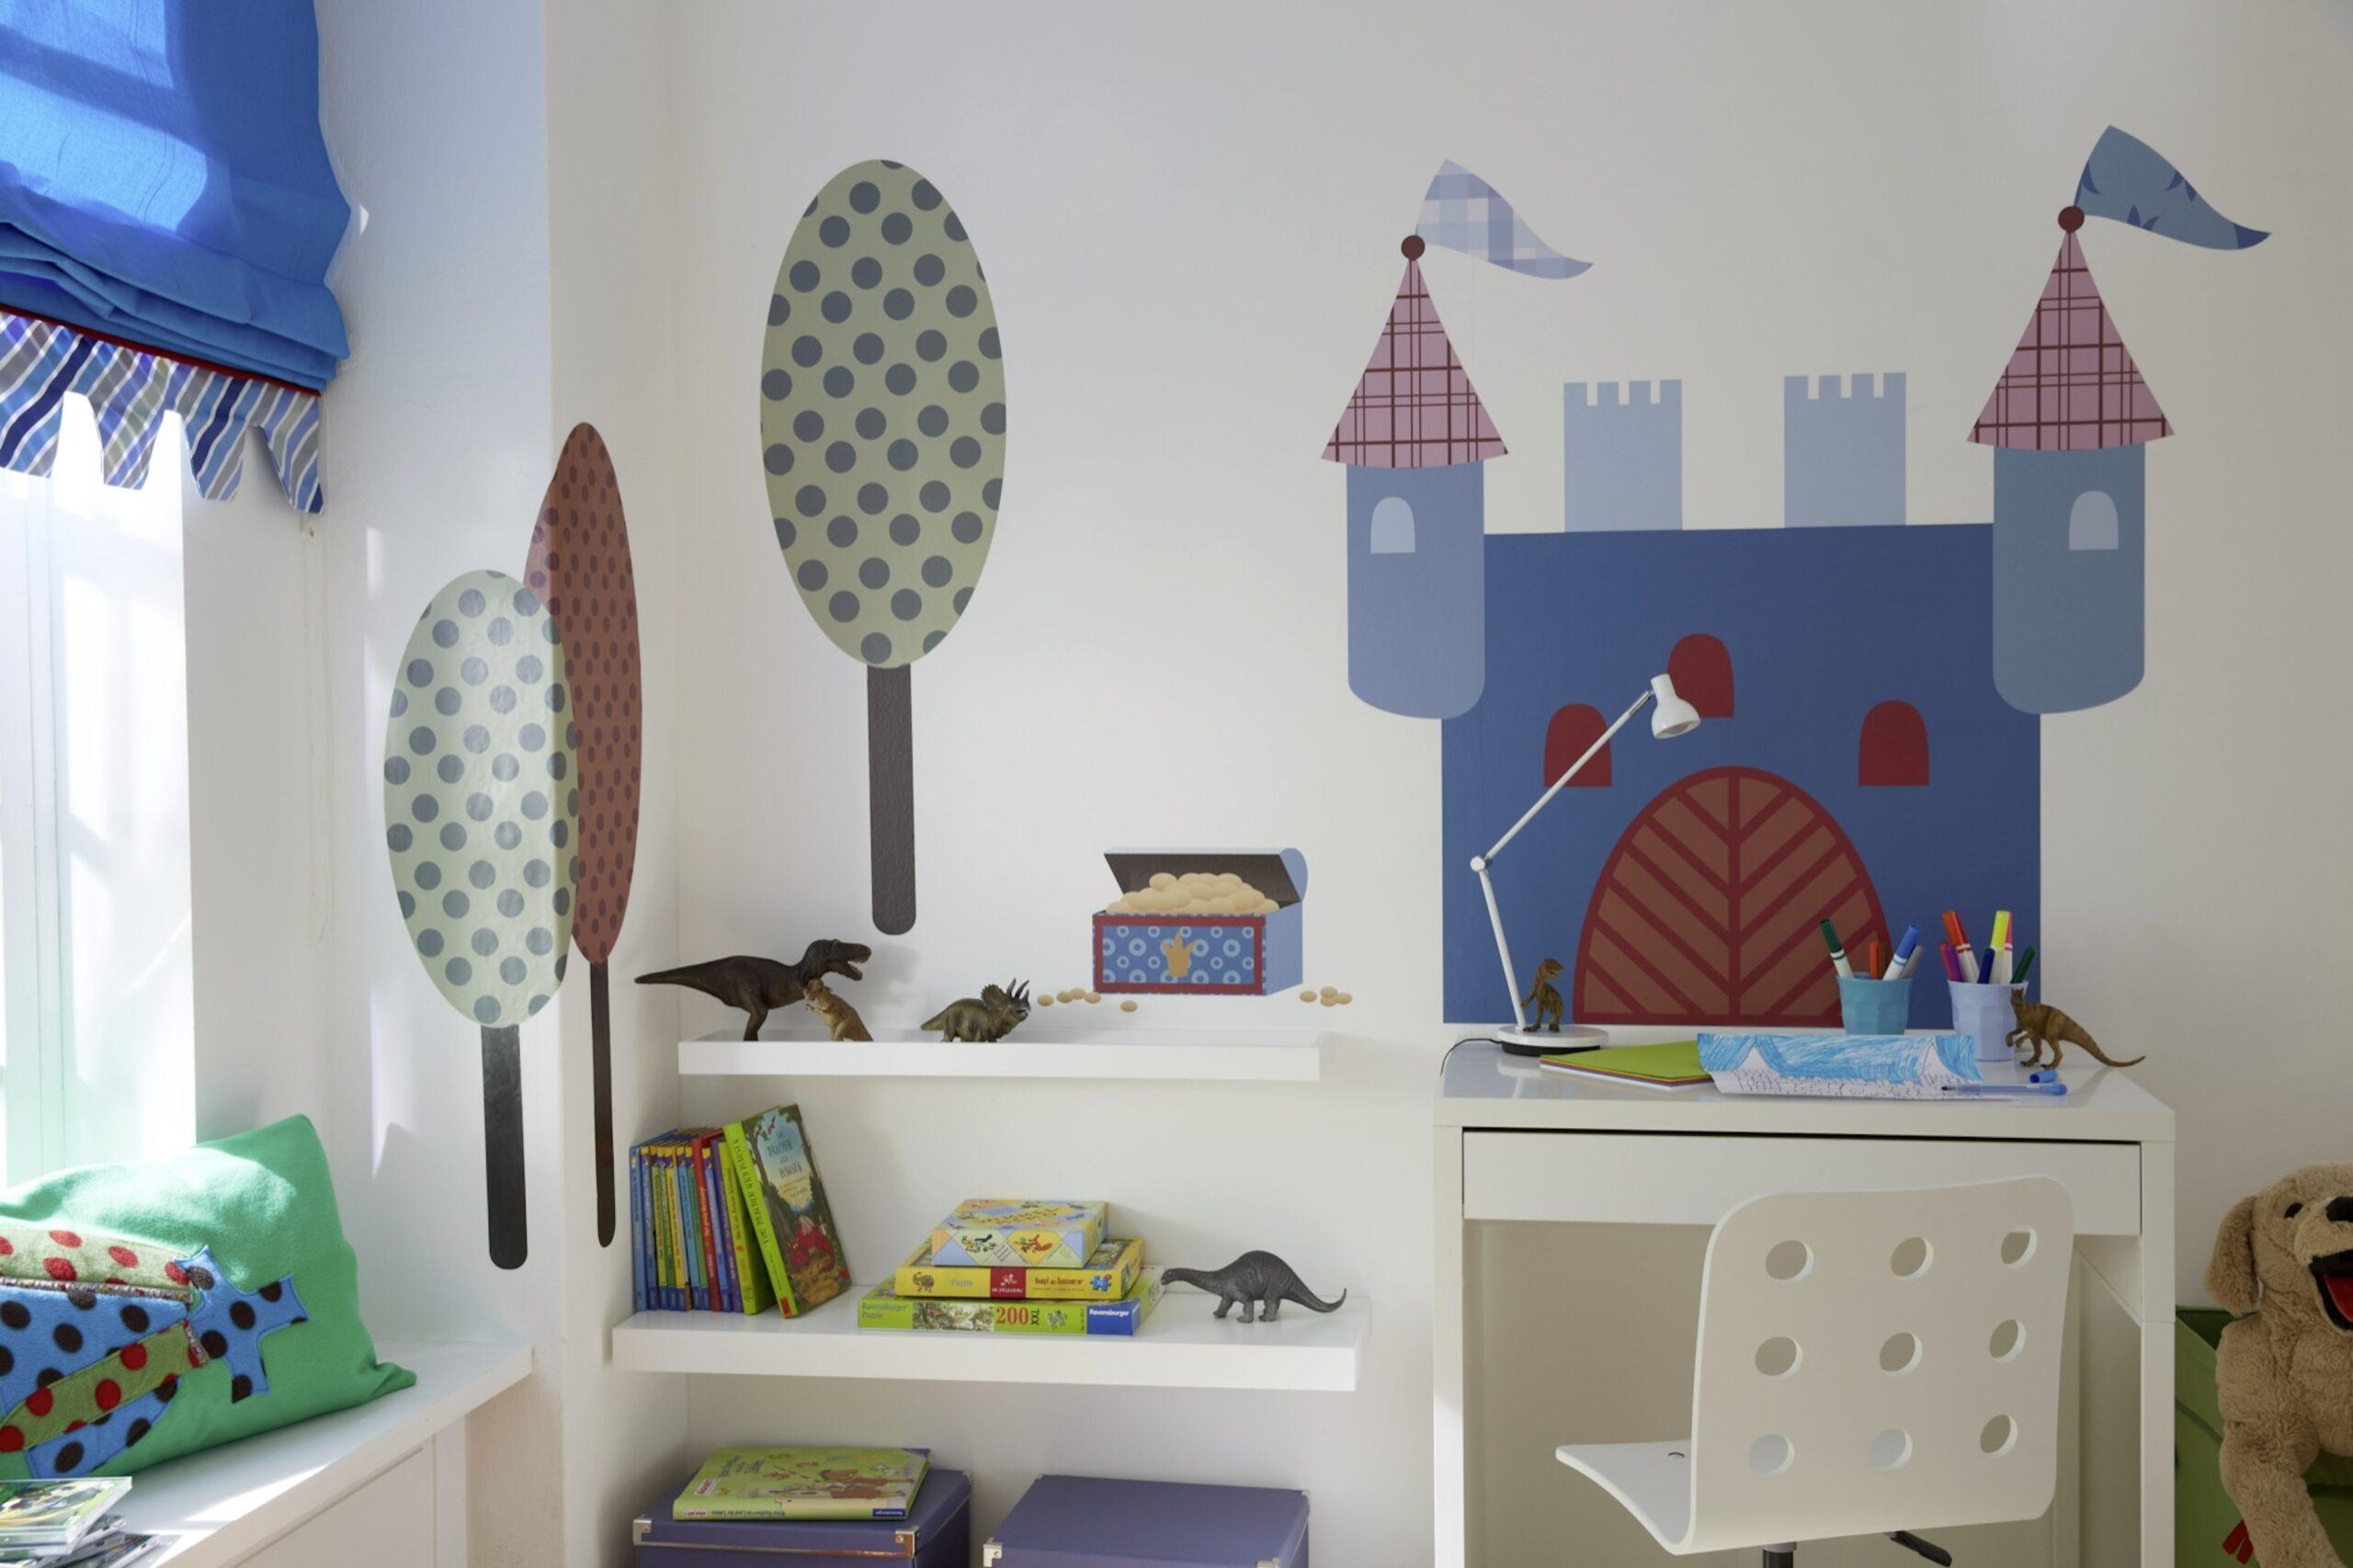 Full Size of Raffrollo Kinderzimmer Wird Zum Abenteuerland Diewohnbloggerde Regal Weiß Küche Sofa Regale Kinderzimmer Raffrollo Kinderzimmer